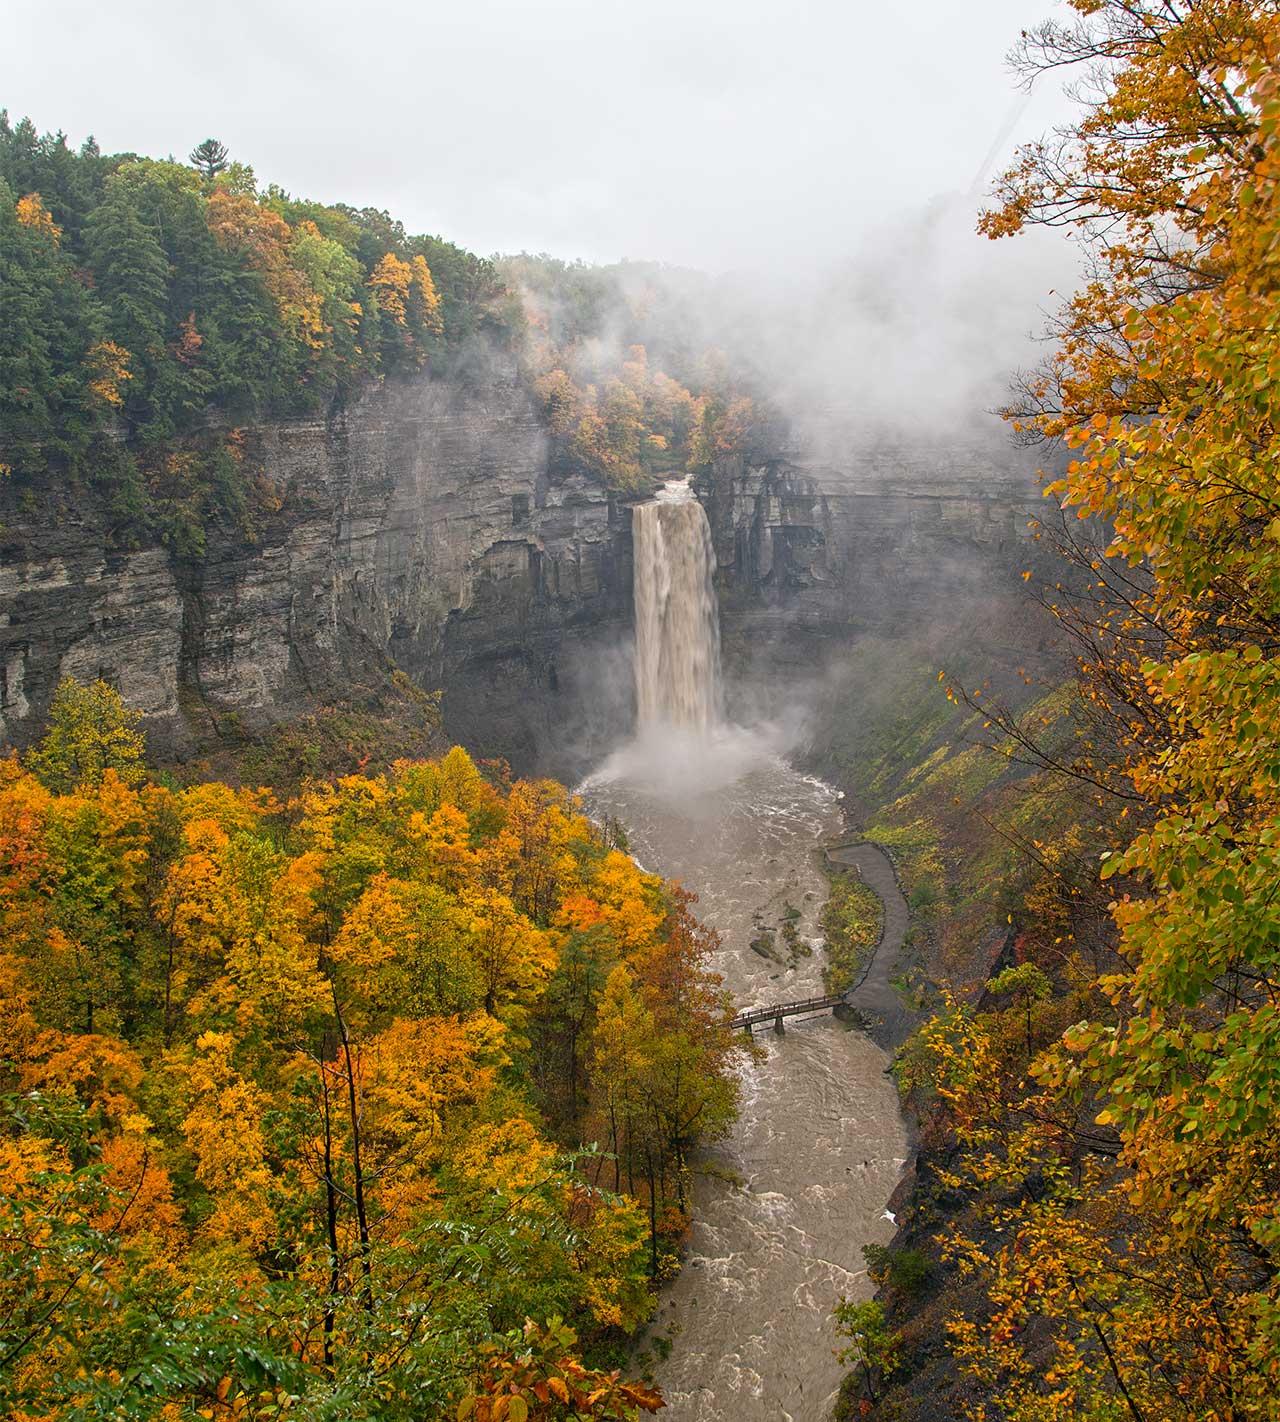 Taughannock Falls by Rachel Burkholder